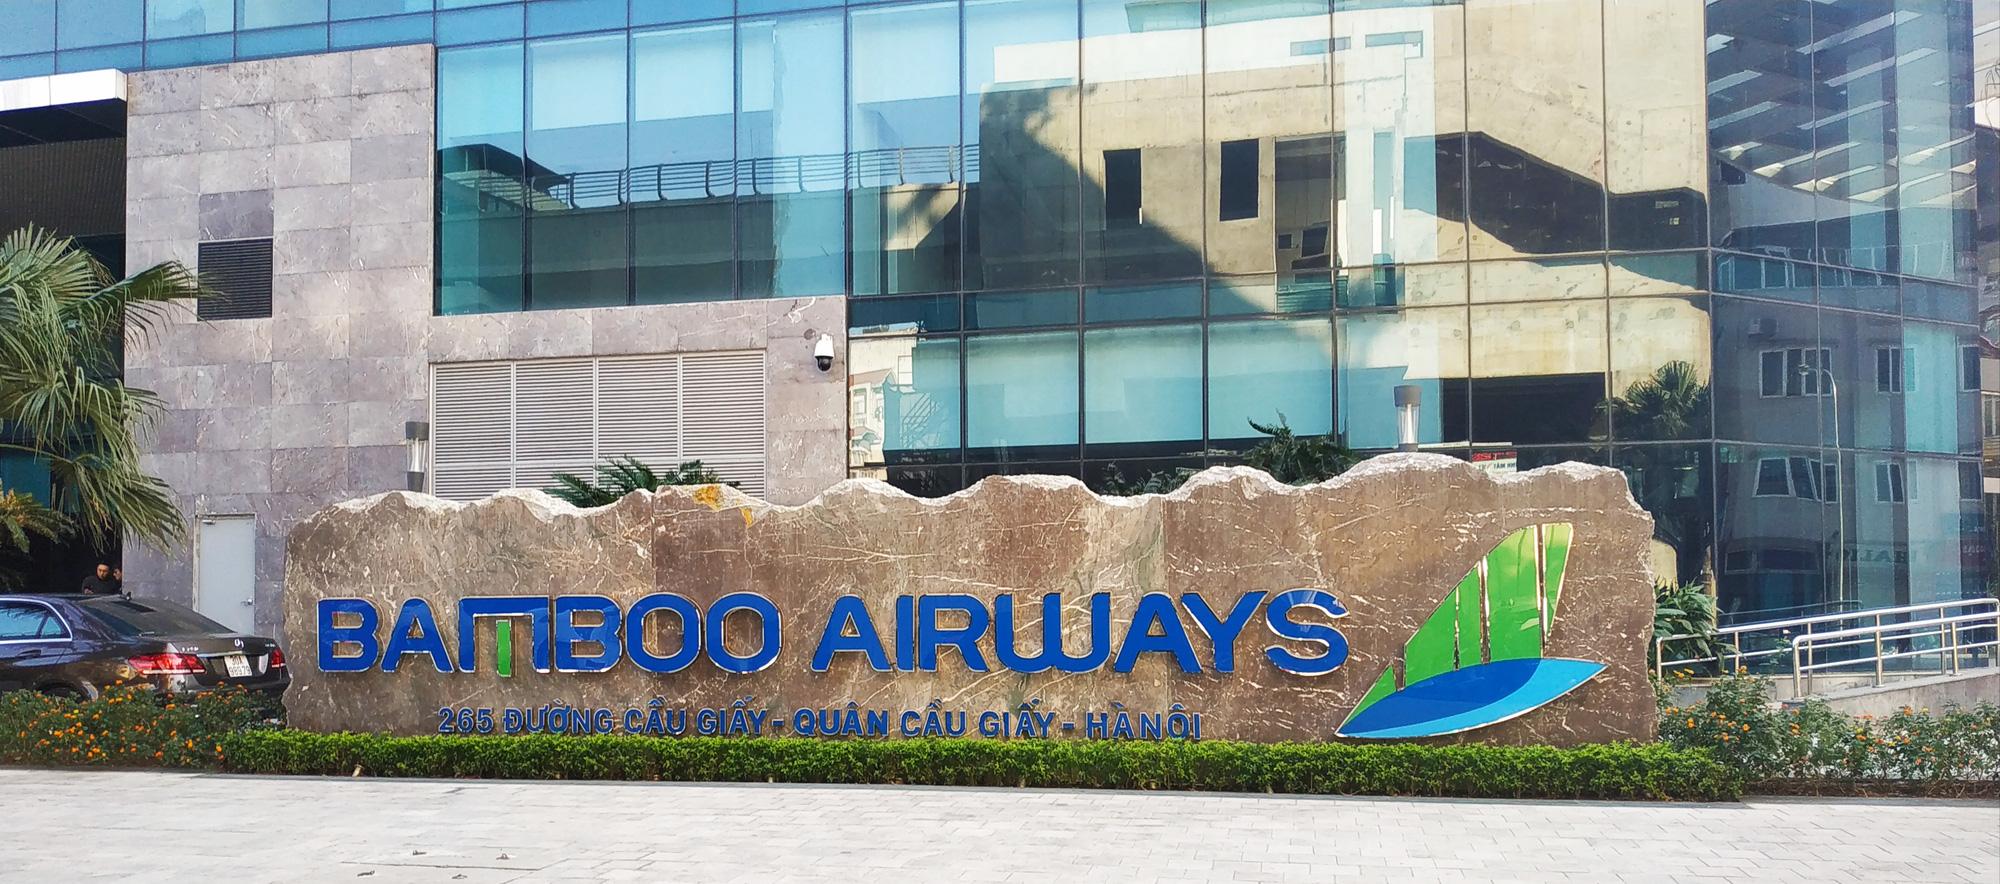 Bamboo Airways sắp thuê ướt hai tàu Embraer E195 cho chặng bay Côn Đảo - Ảnh 2.